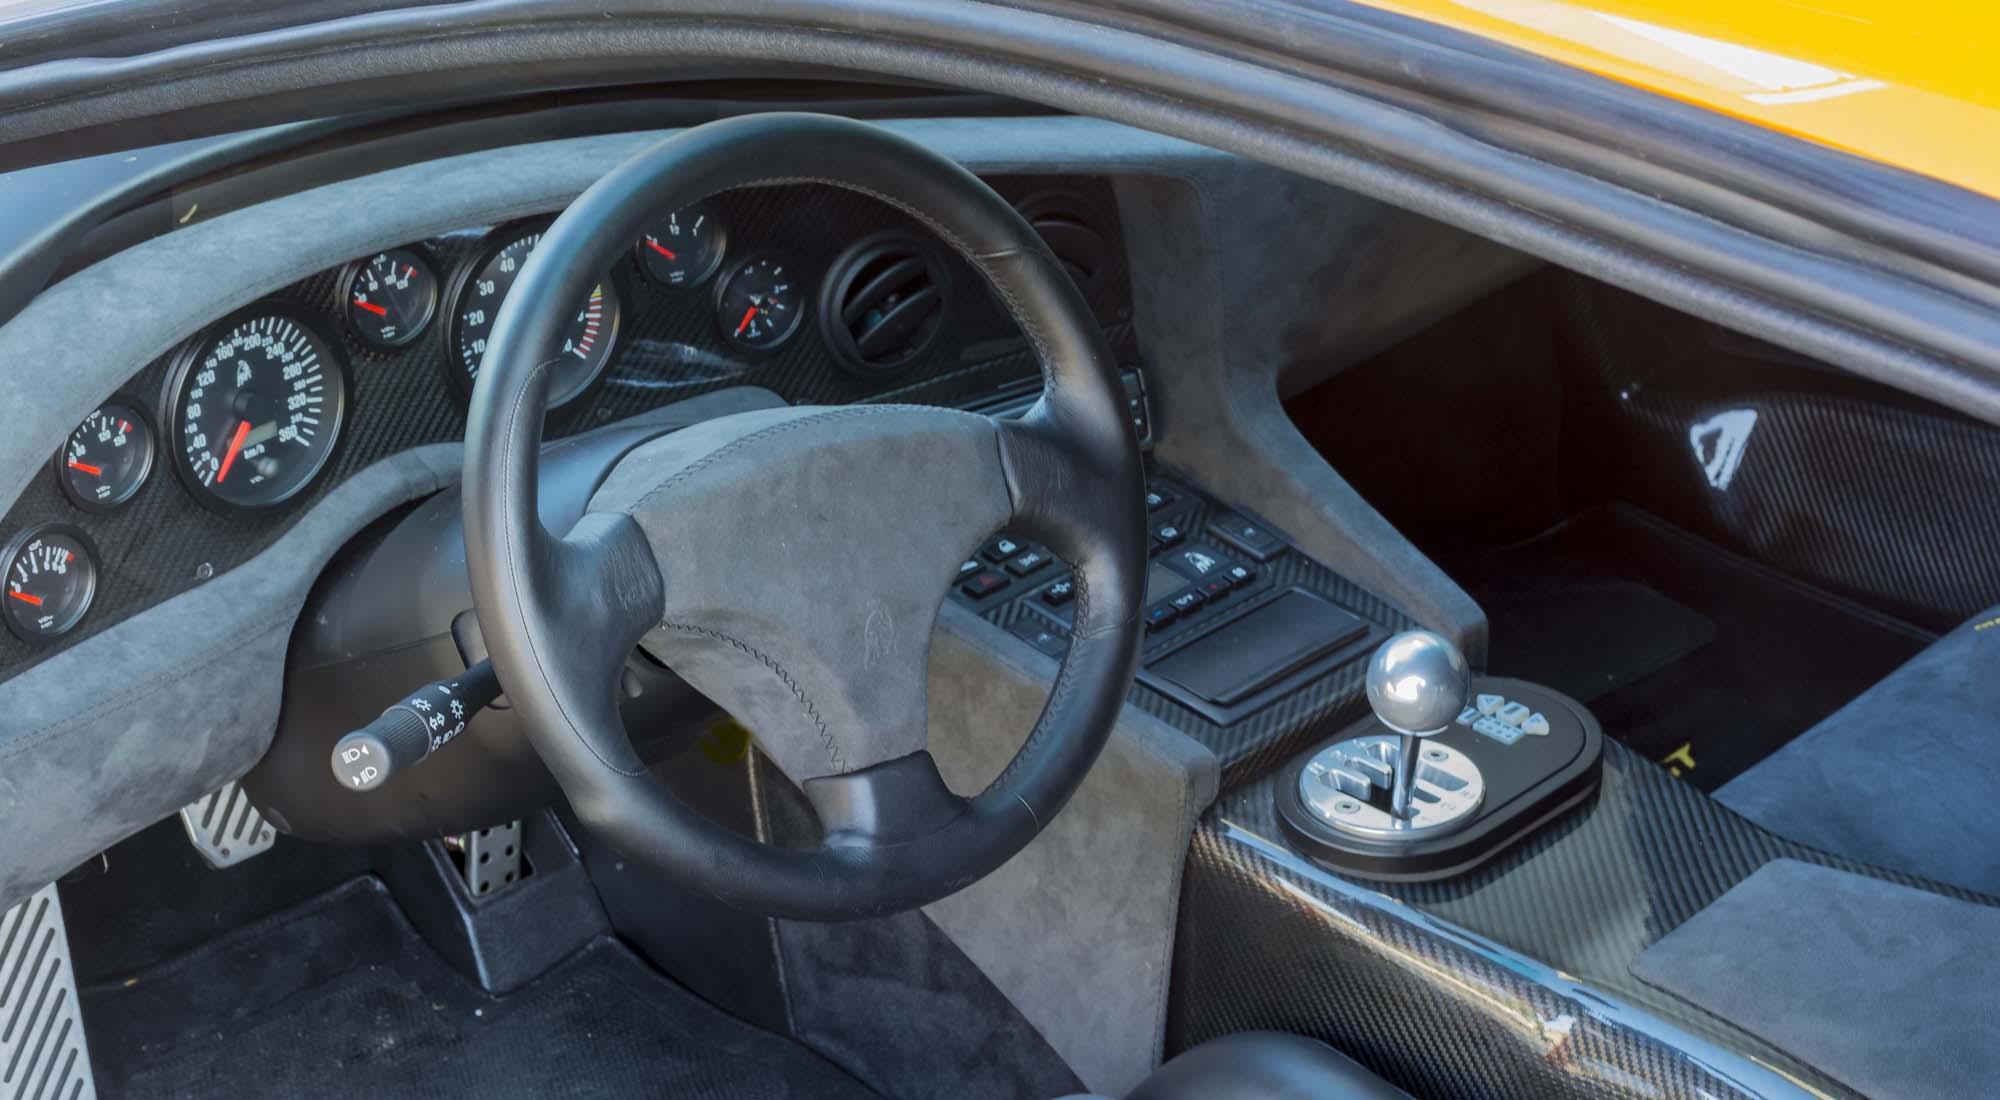 Lamborghini Diablo Gt 1999 Sprzedane Gielda Klasykow